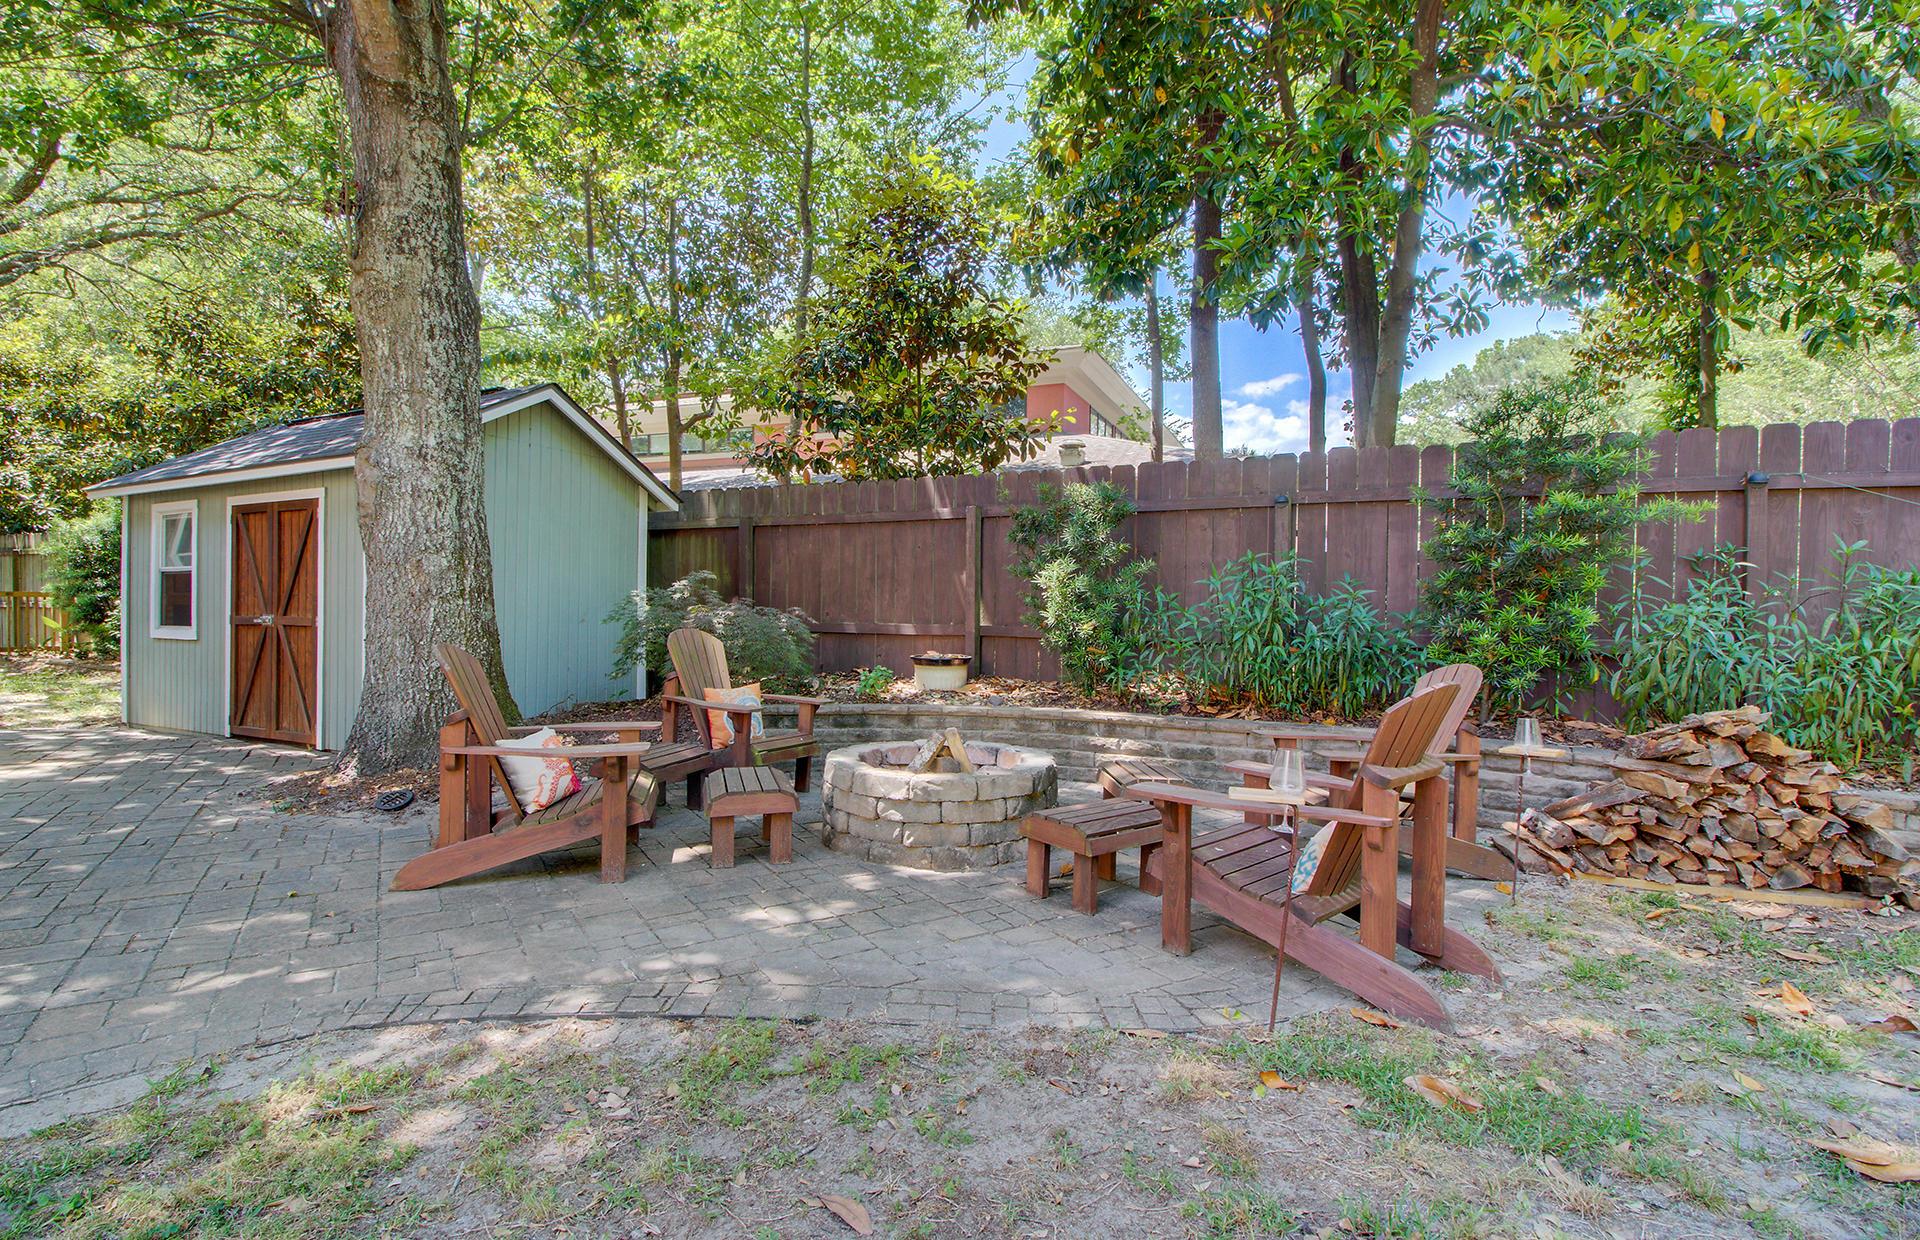 Phillips Park Homes For Sale - 1129 Phillips Park, Mount Pleasant, SC - 9